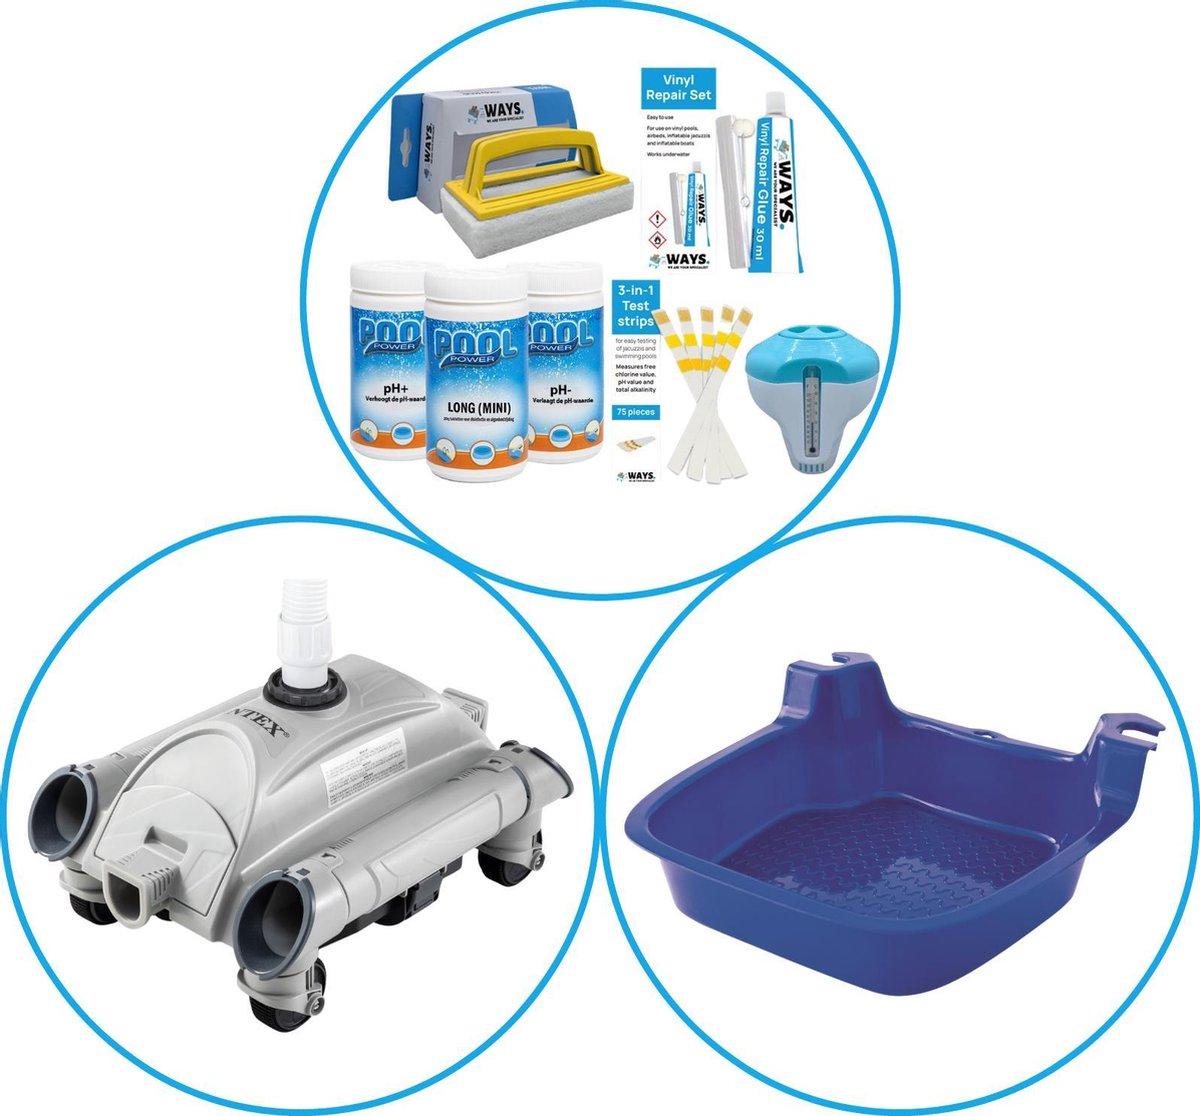 WAYS - Zwembad Accessoirepakket 3-delig - WAYS Onderhoudspakket & Automatische Zwembad stofzuiger & Voetenbad